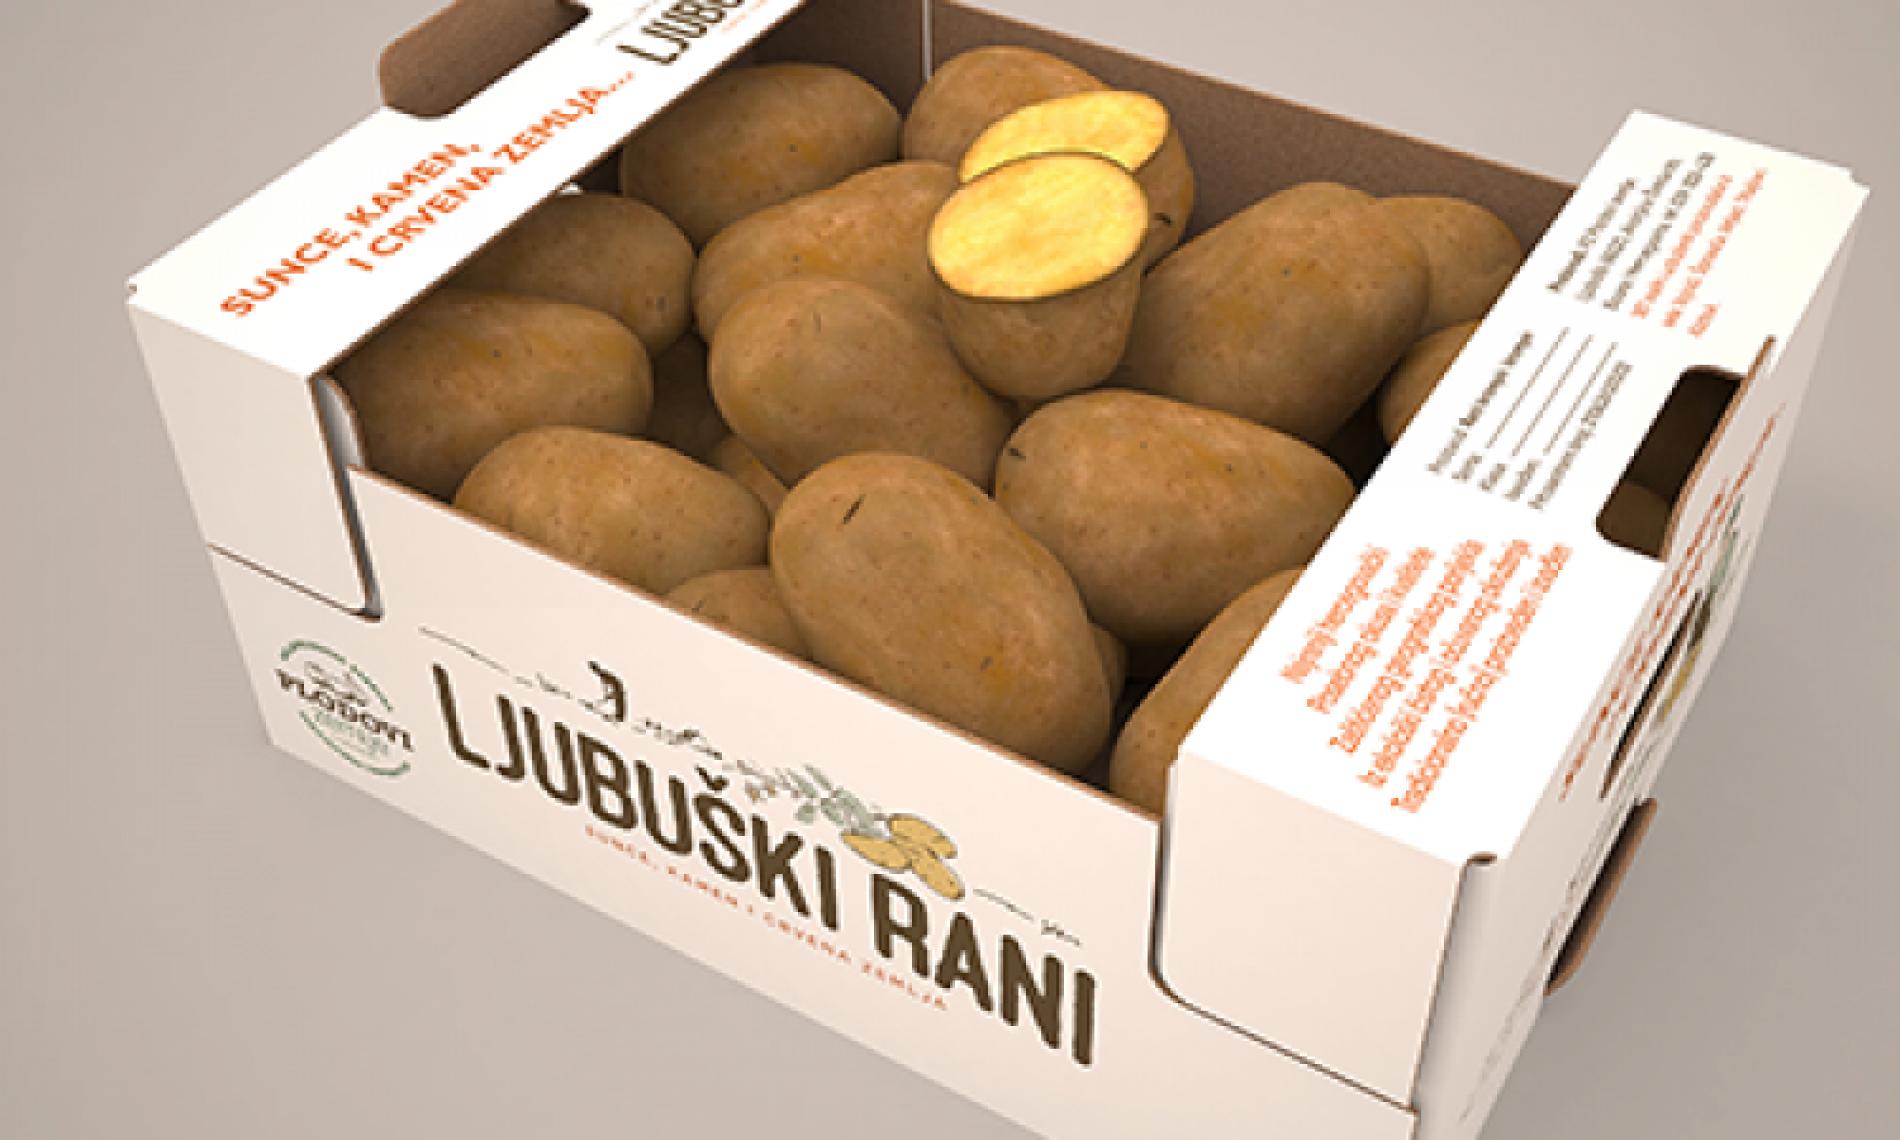 Mladi krompir iz Ljubuškog uskoro na tržištu zemalja EU-a i Rusije